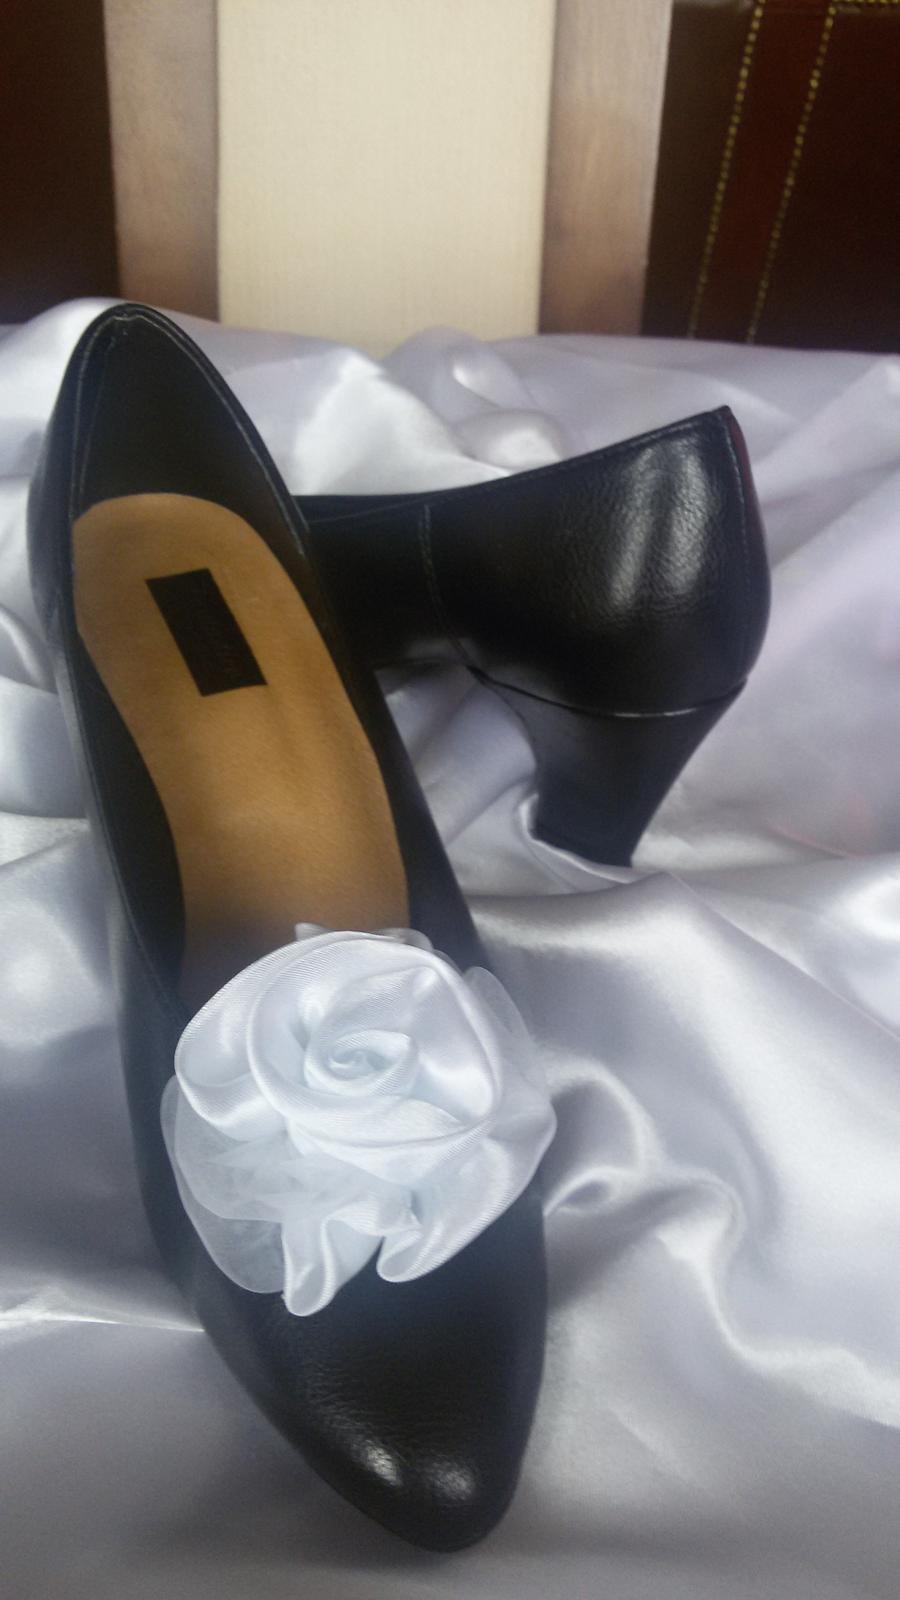 Klipy na obuv - Obrázek č. 1